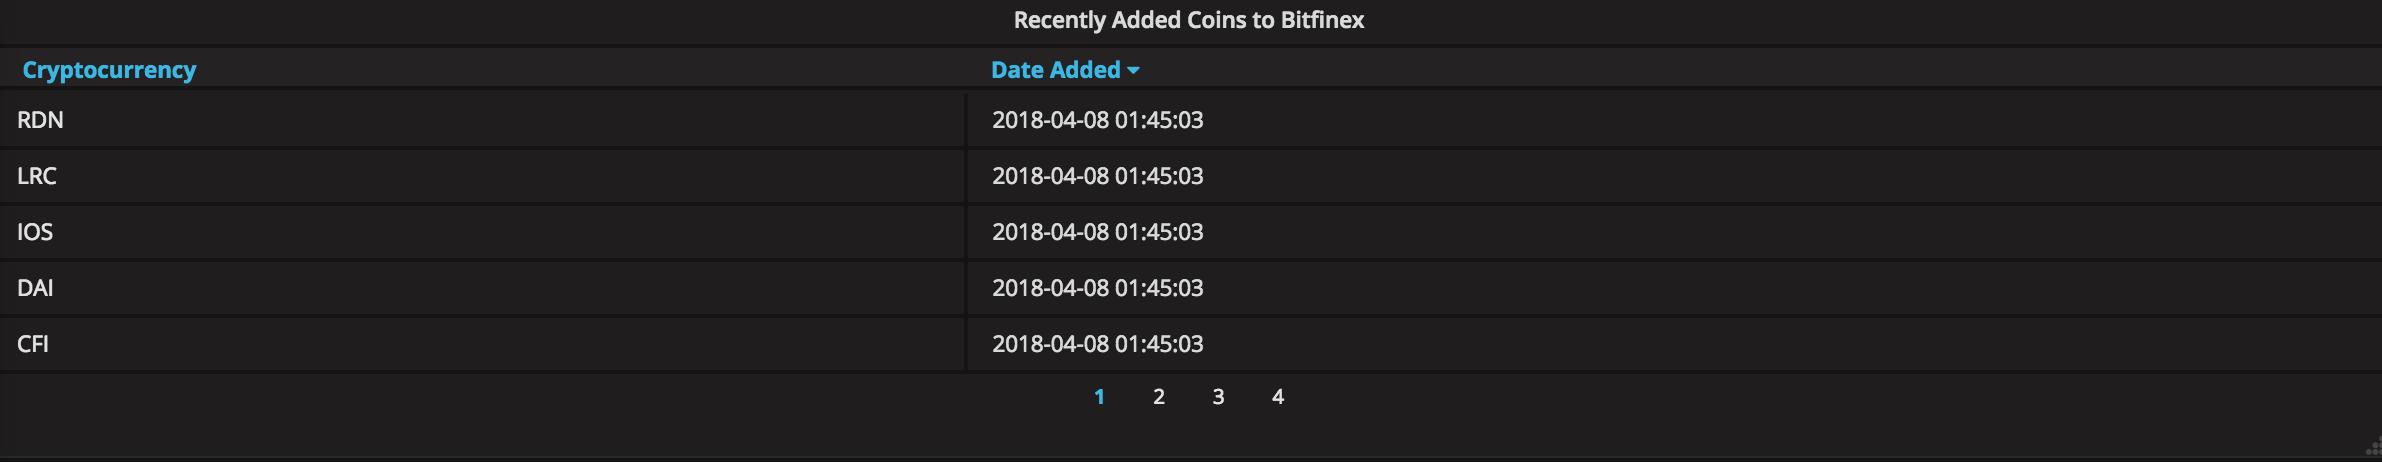 Bitfinex Coin Addition Alerts